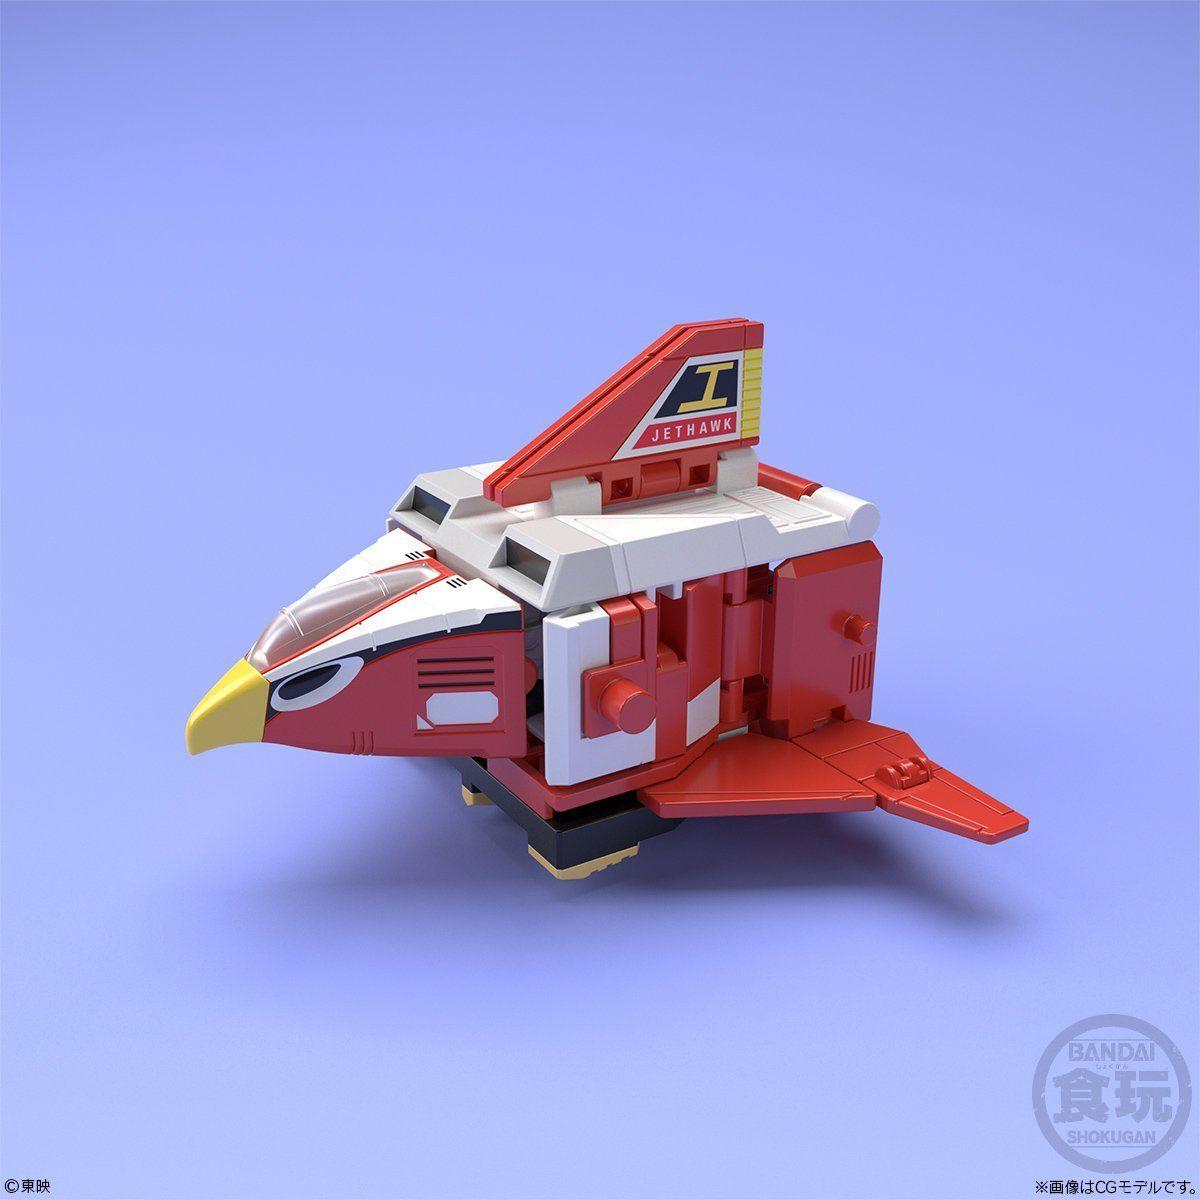 Super Minipla Jet Icarus (2)